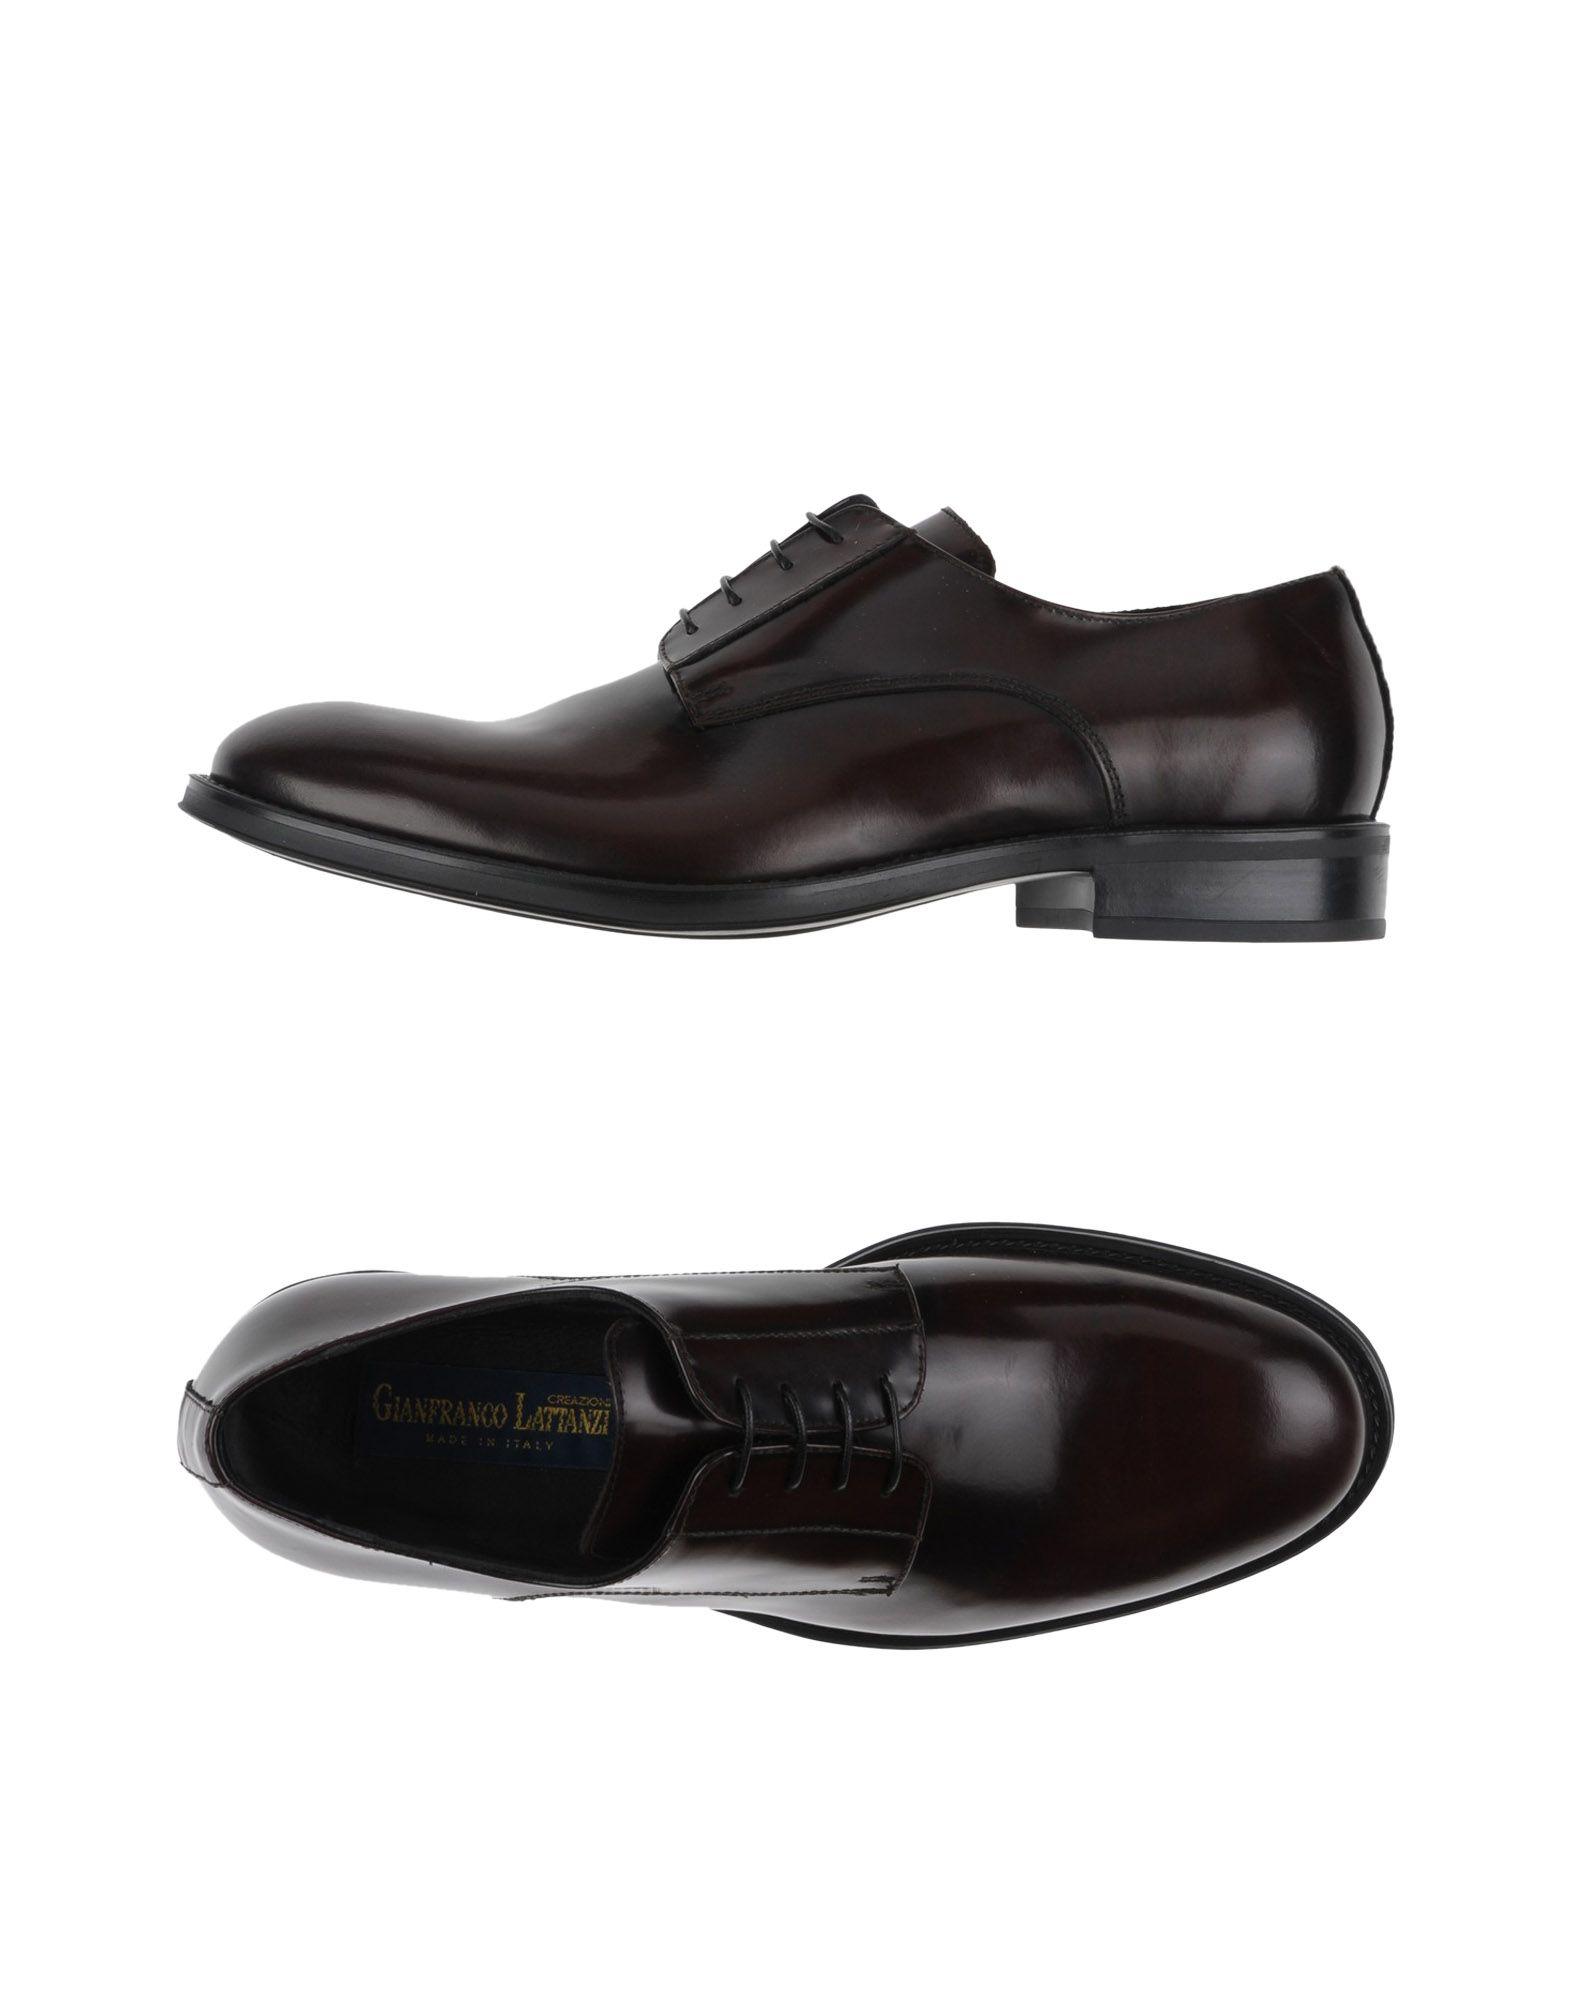 все цены на GIANFRANCO LATTANZI Обувь на шнурках в интернете